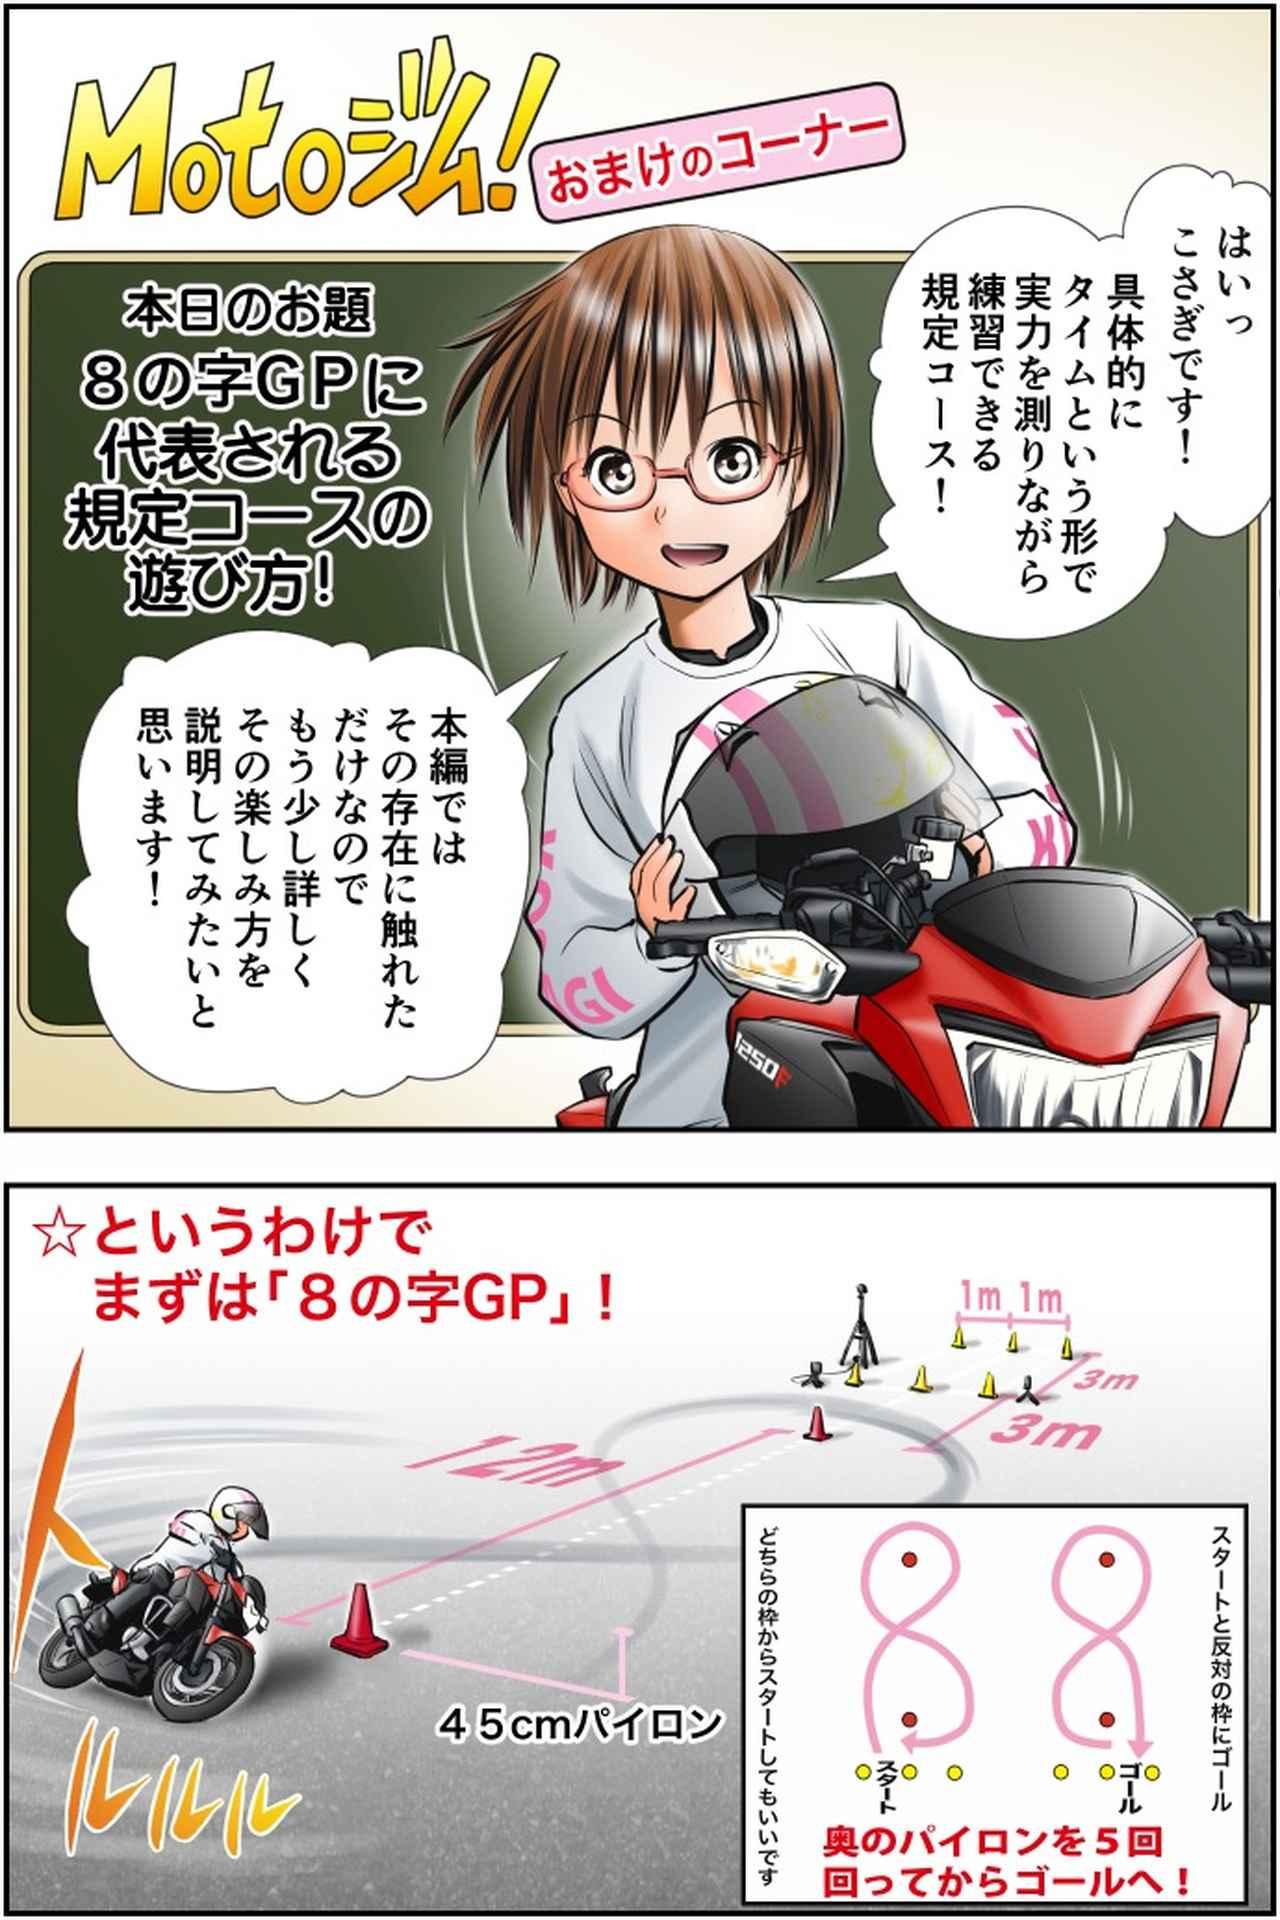 画像1: Motoジム! おまけのコーナー(規定コースの遊び方!)  作・ばどみゅーみん